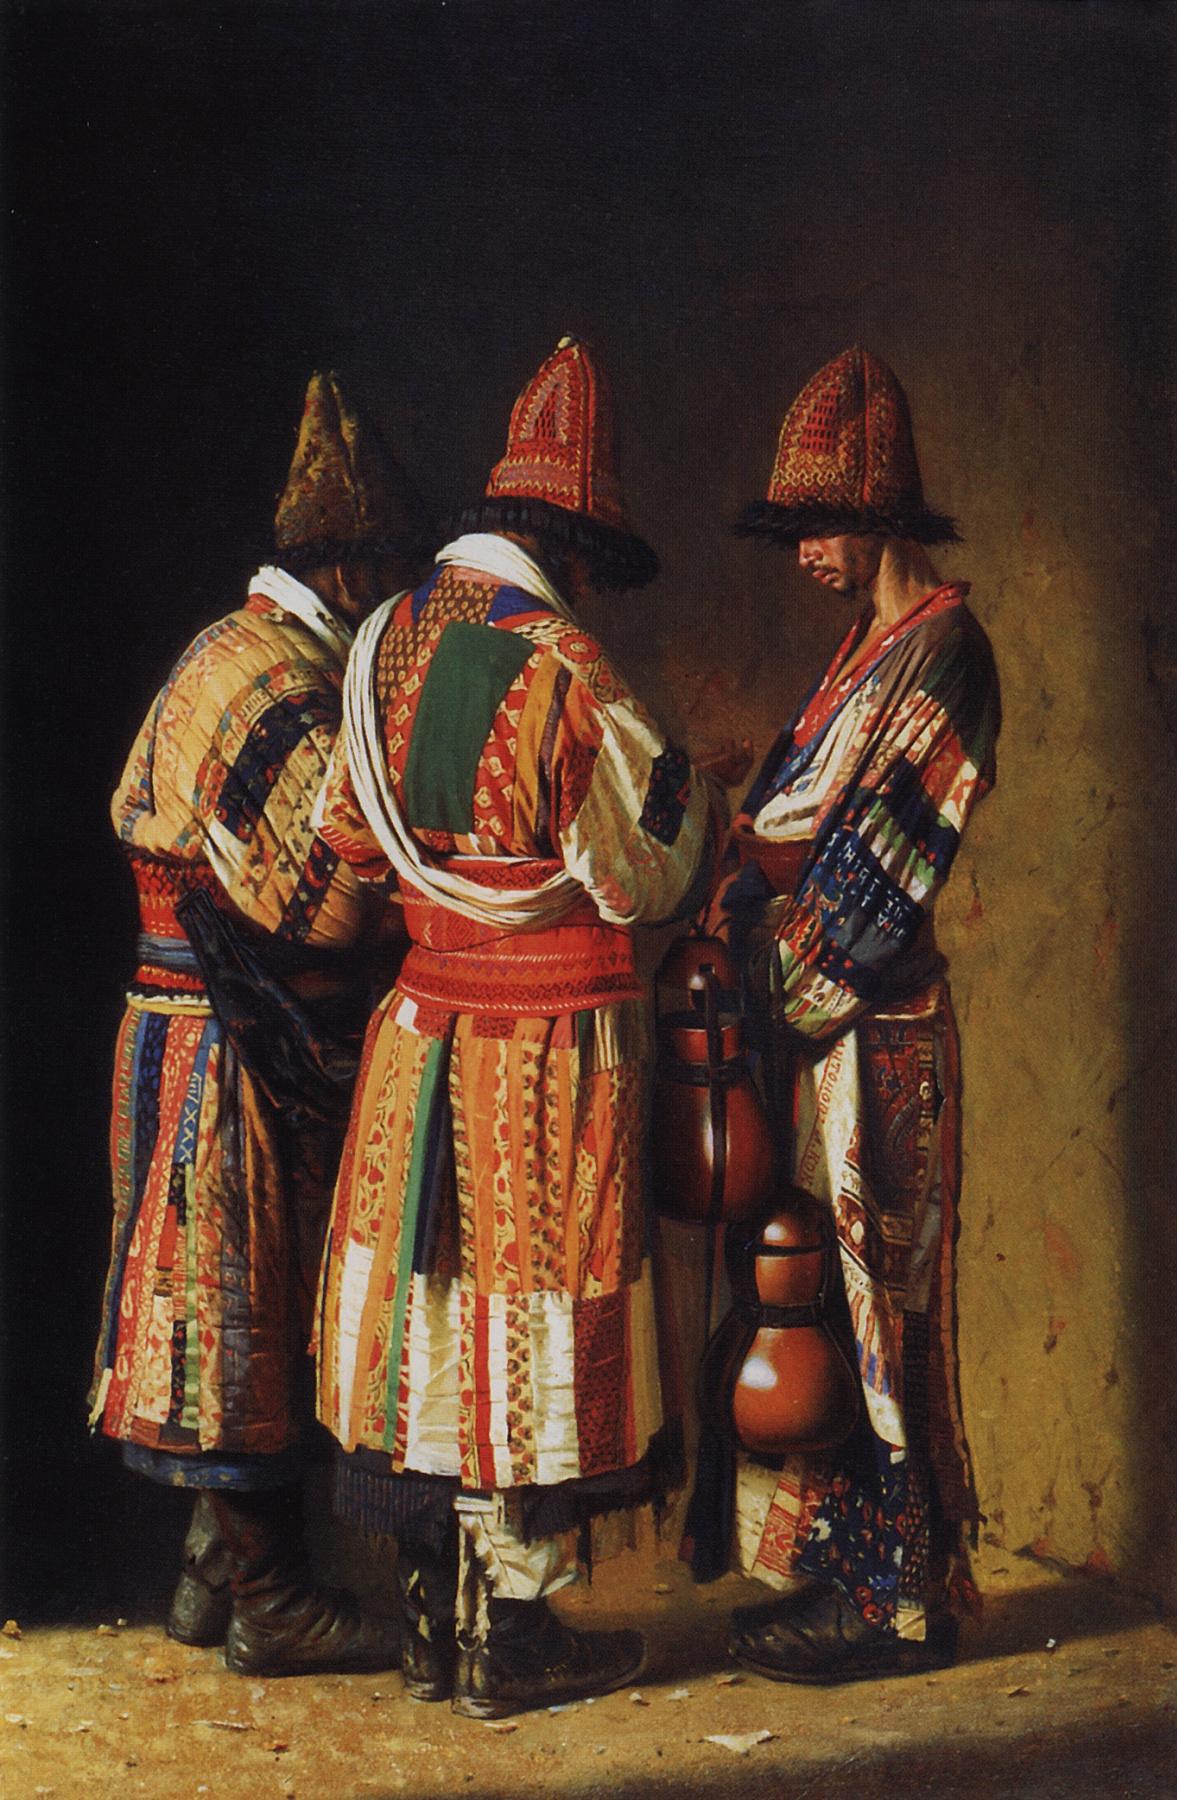 Vasily Vereshchagin. Dervishes in festive outfits